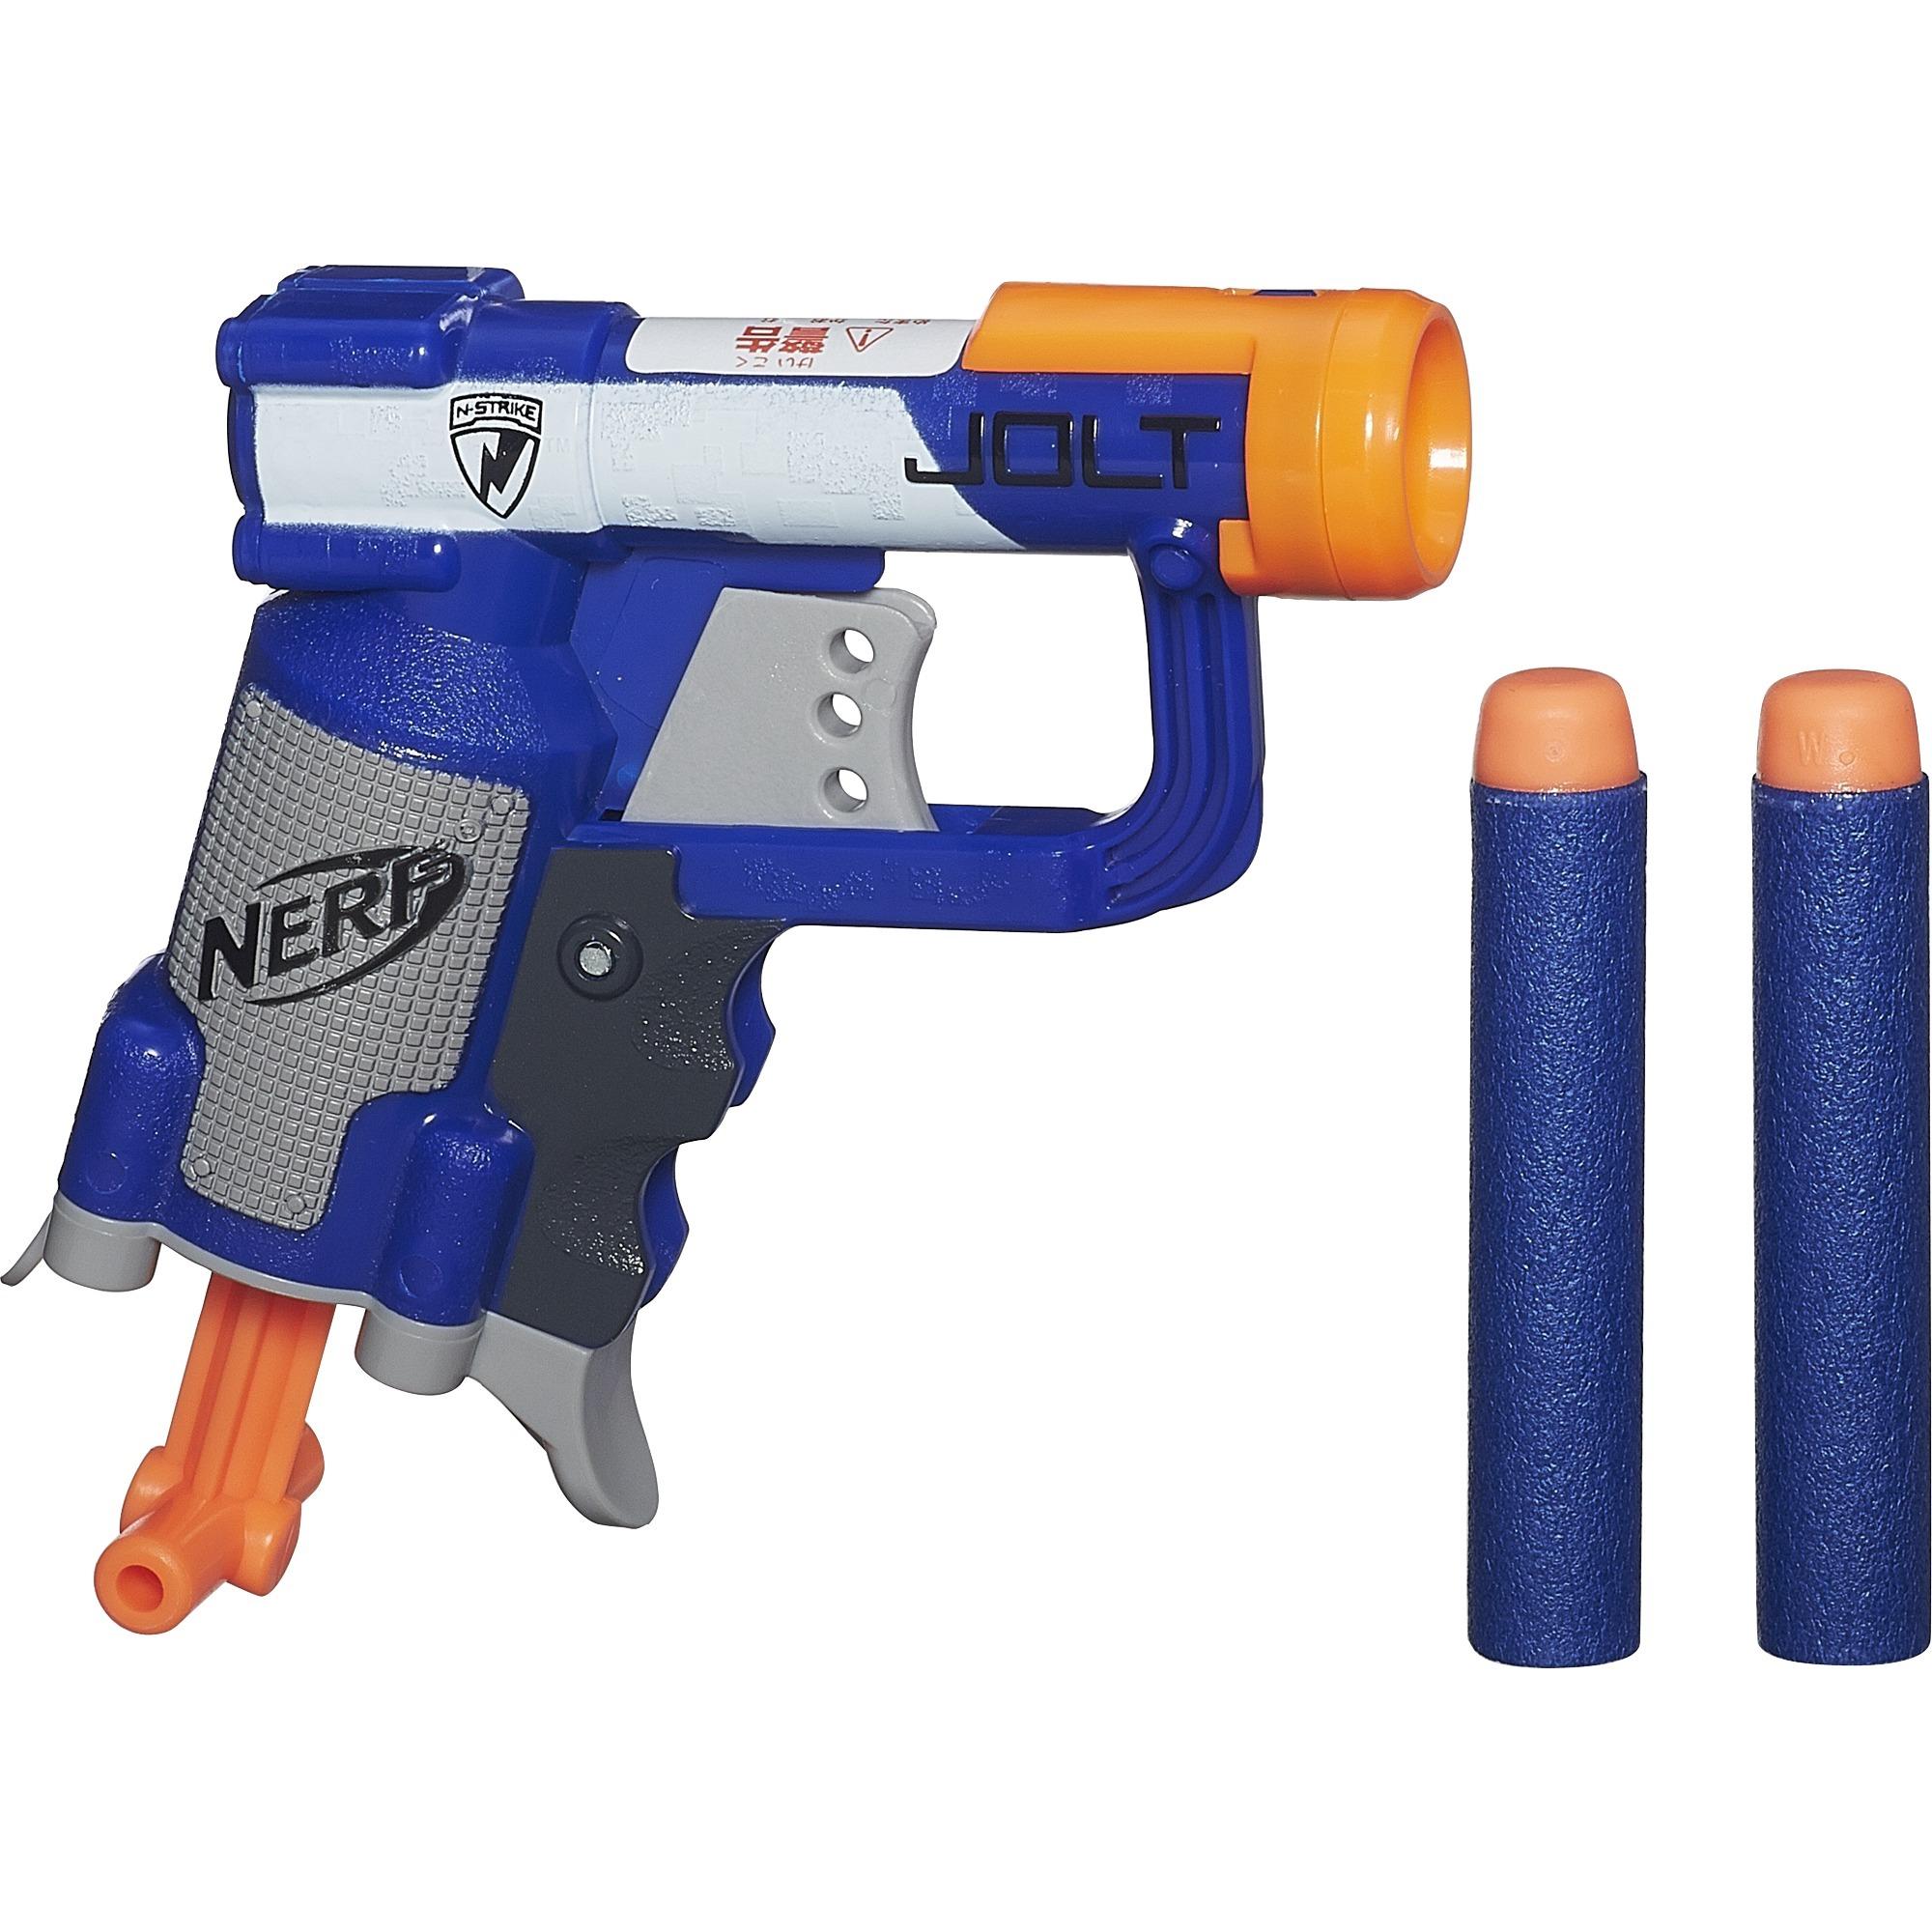 hasbro a0707eu6 fusil dassaut jouet jouet arme pour enfants. Black Bedroom Furniture Sets. Home Design Ideas